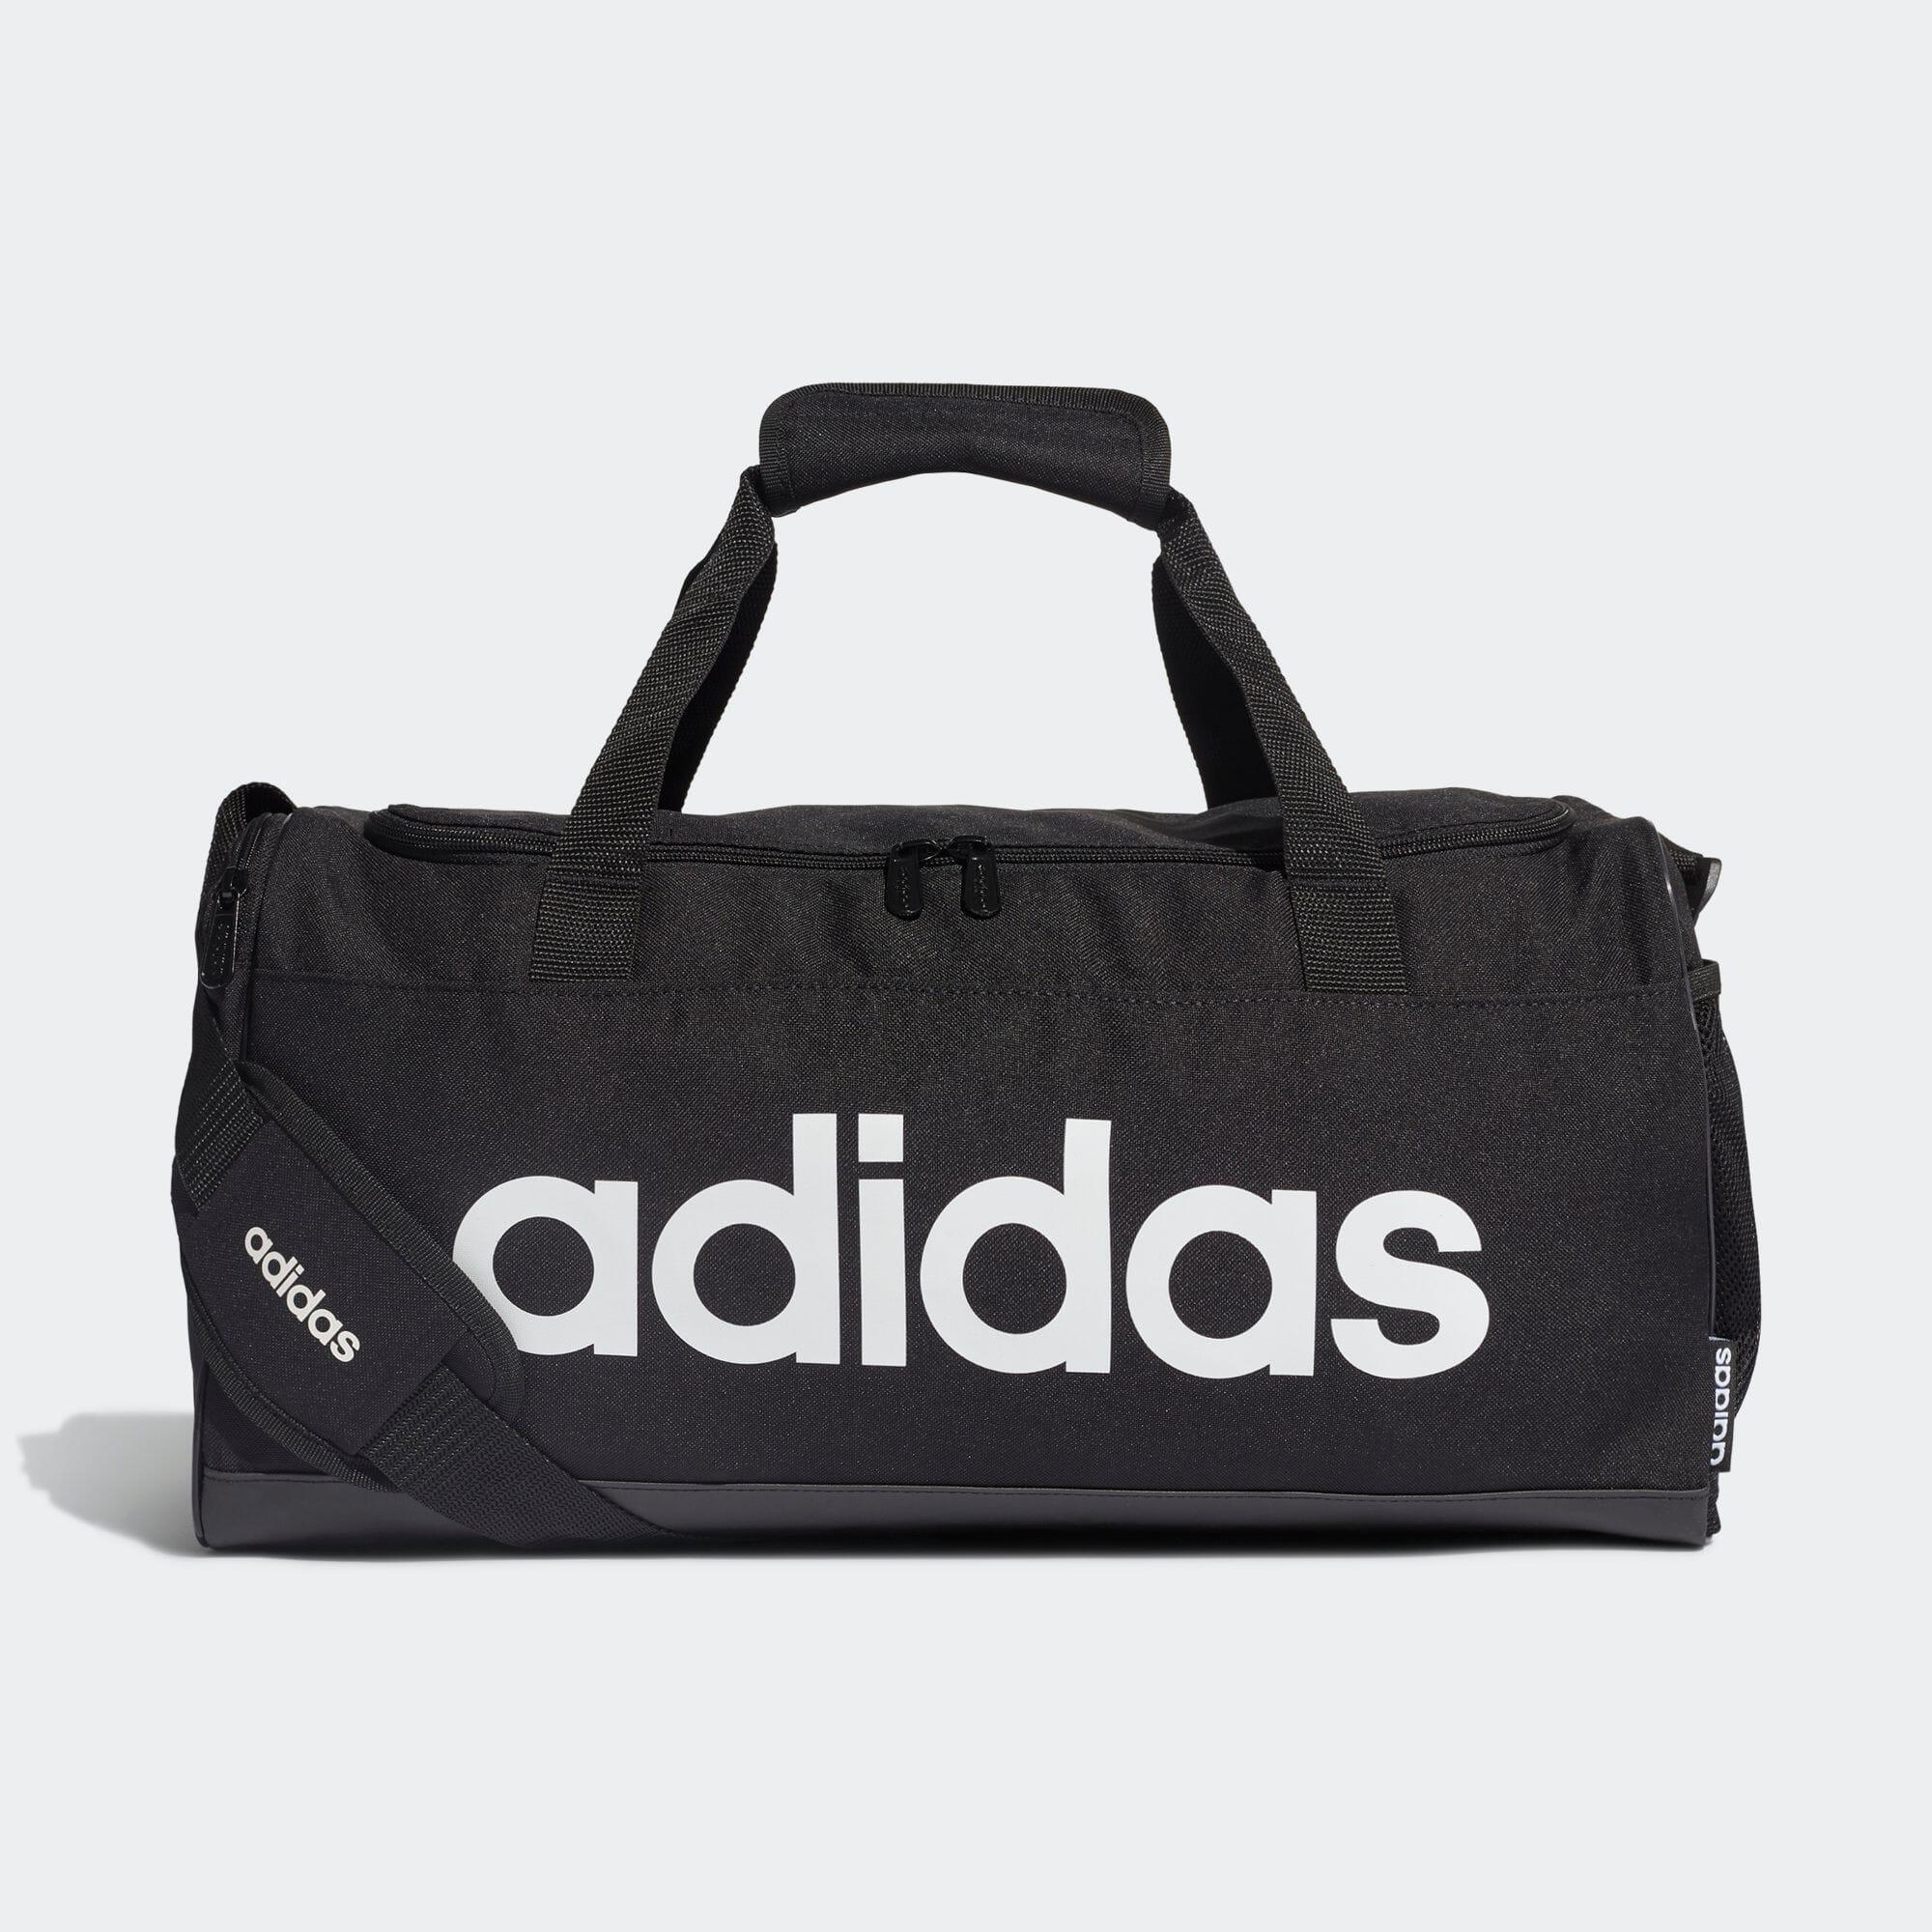 リニア ロゴ ダッフルバッグ / Linear Logo Duffel Bag